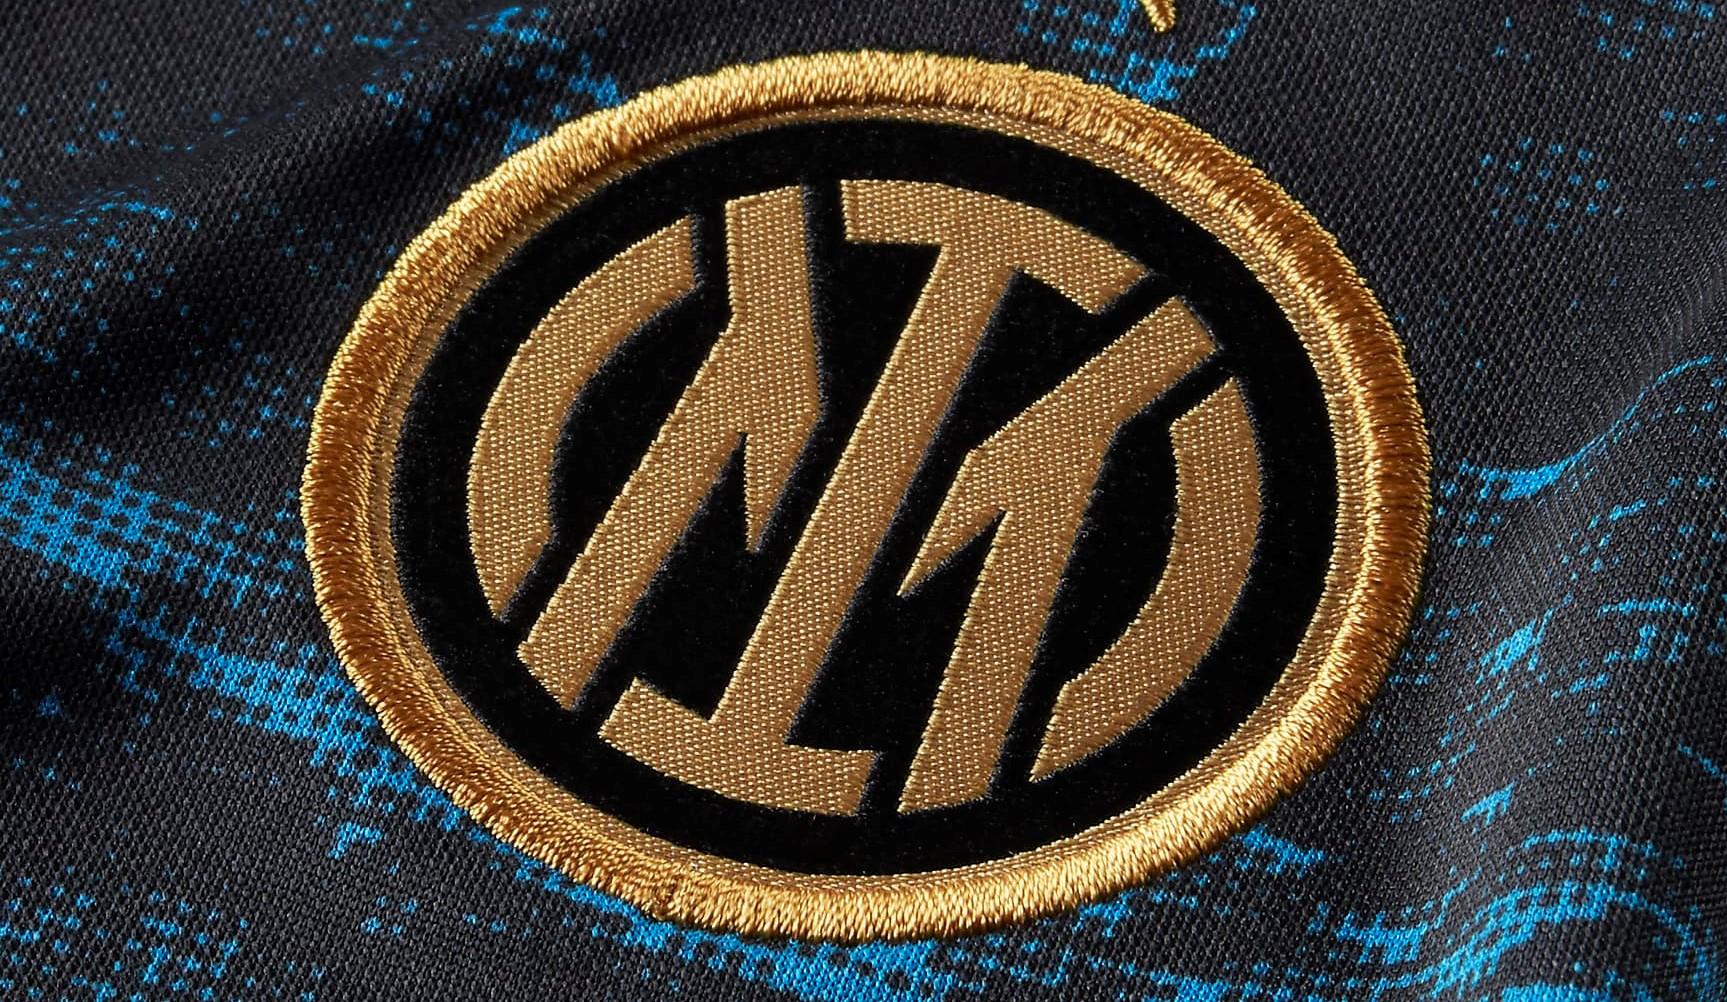 Le nouveau maillot pré-match 2021-2022 de l'Inter Milan